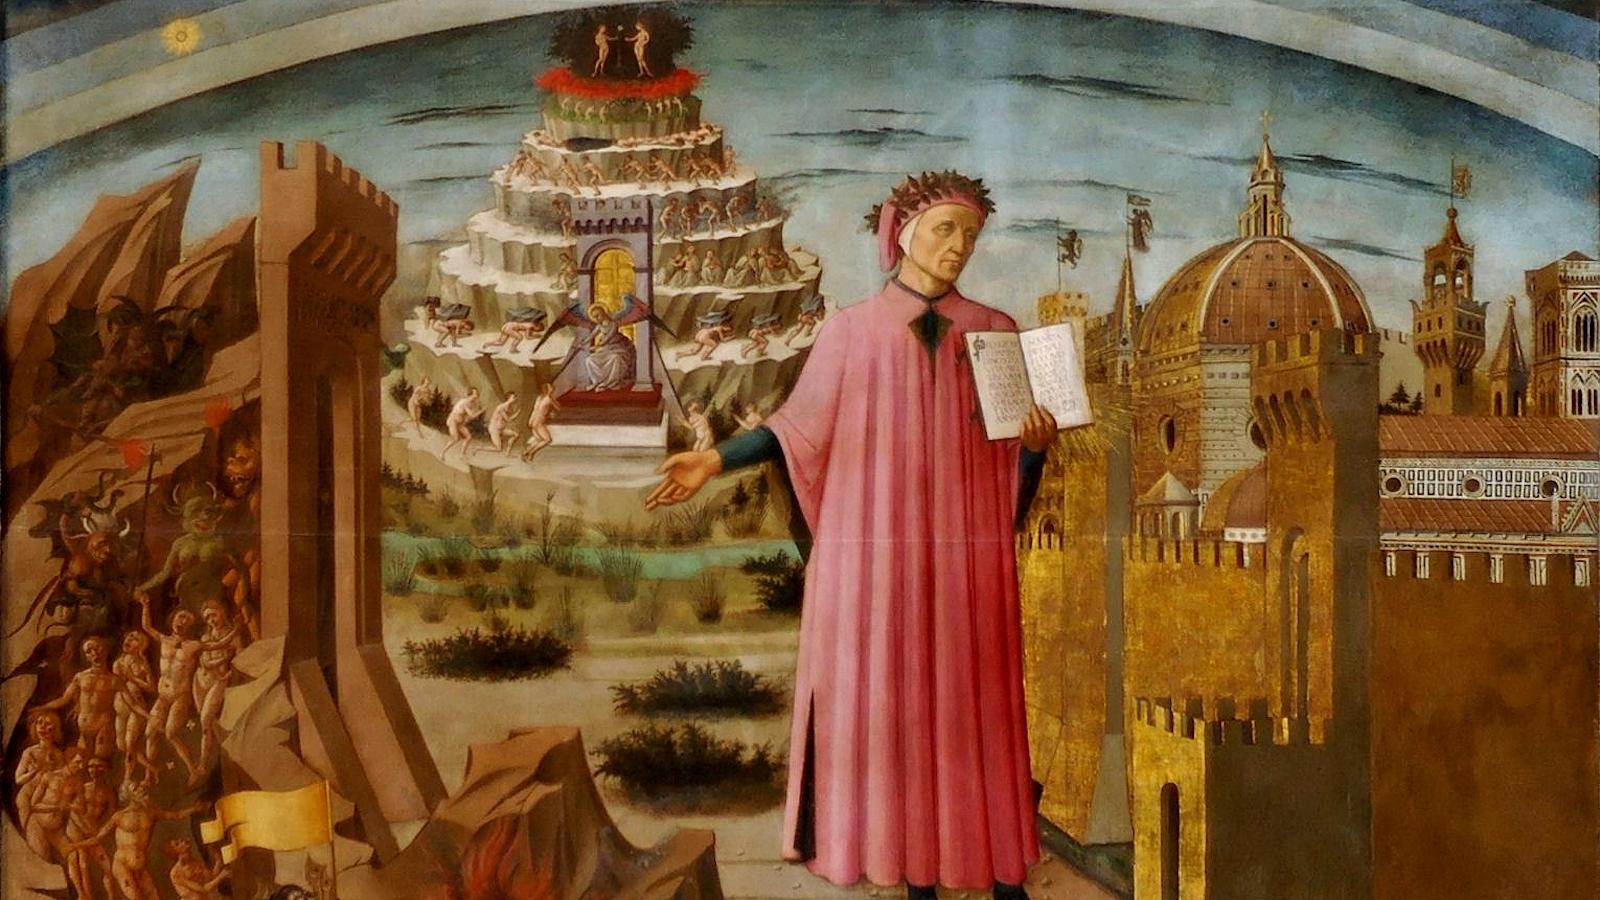 """Domenico di Michelino, """"The Comedy Illuminates Florence,"""" 1465, fresco. Public domain image."""